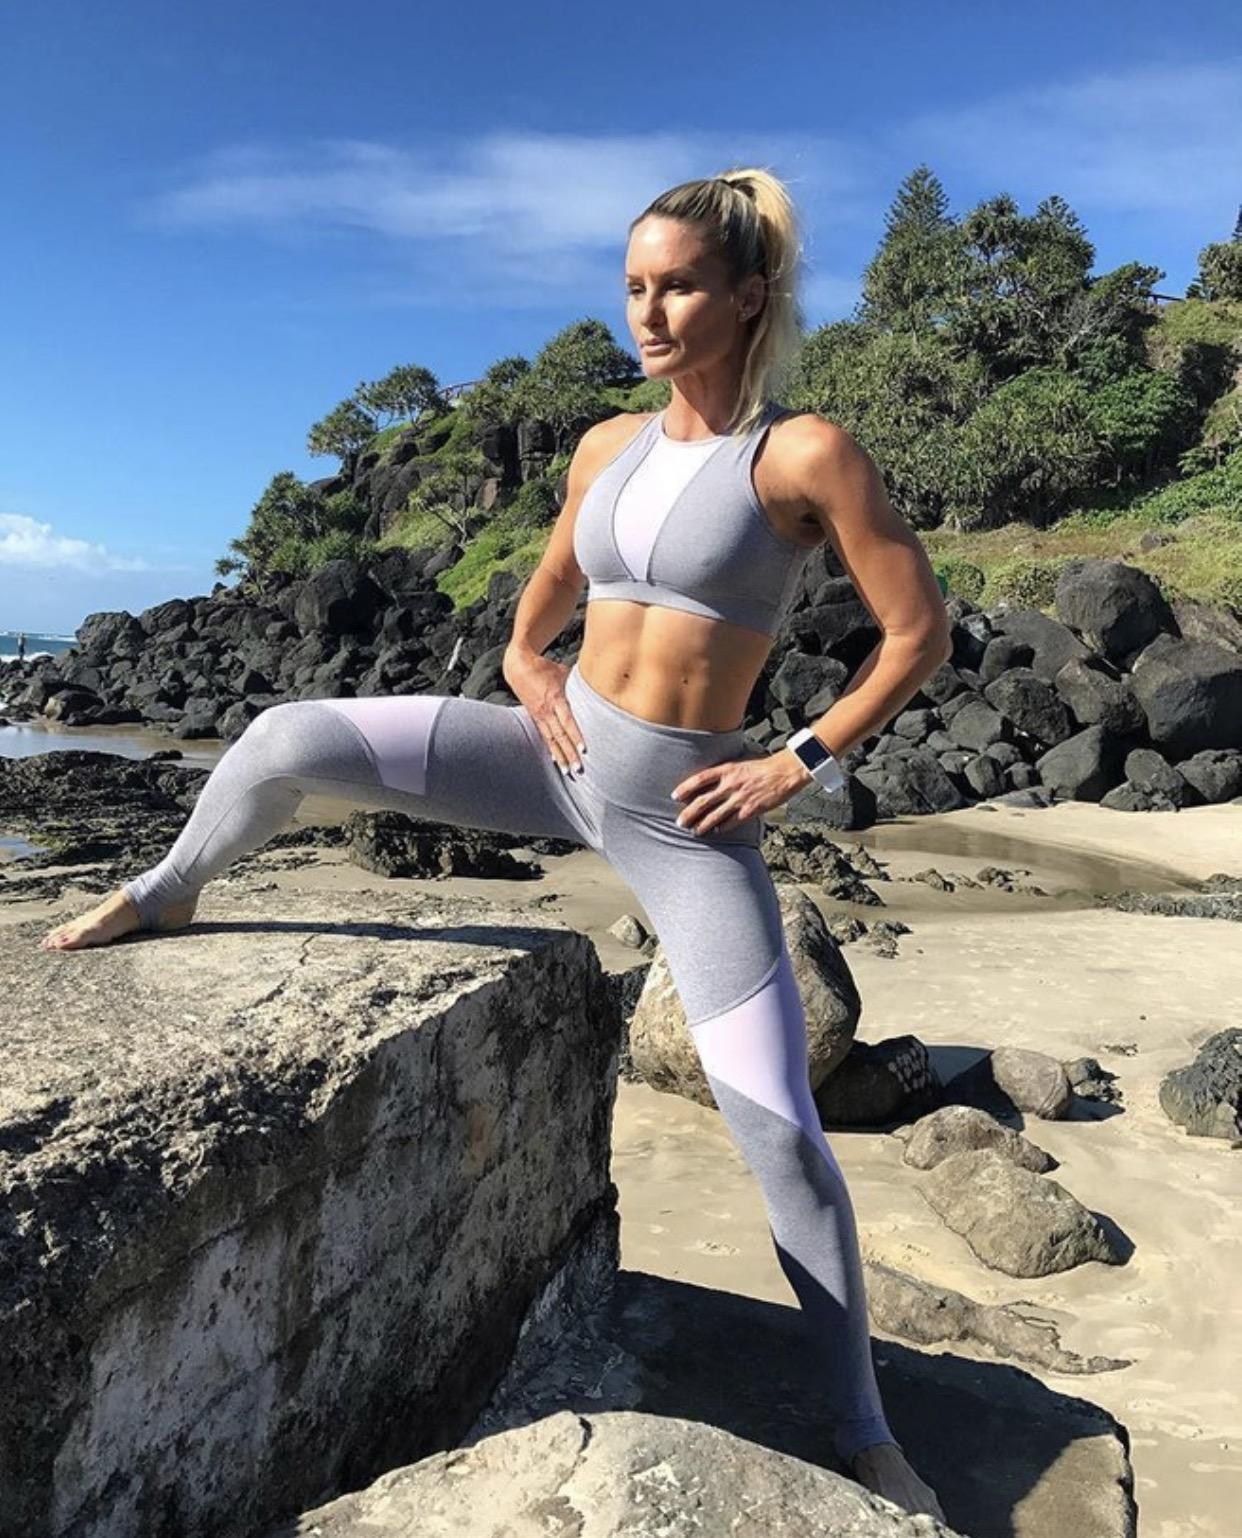 одежда для фитнеса женская купить